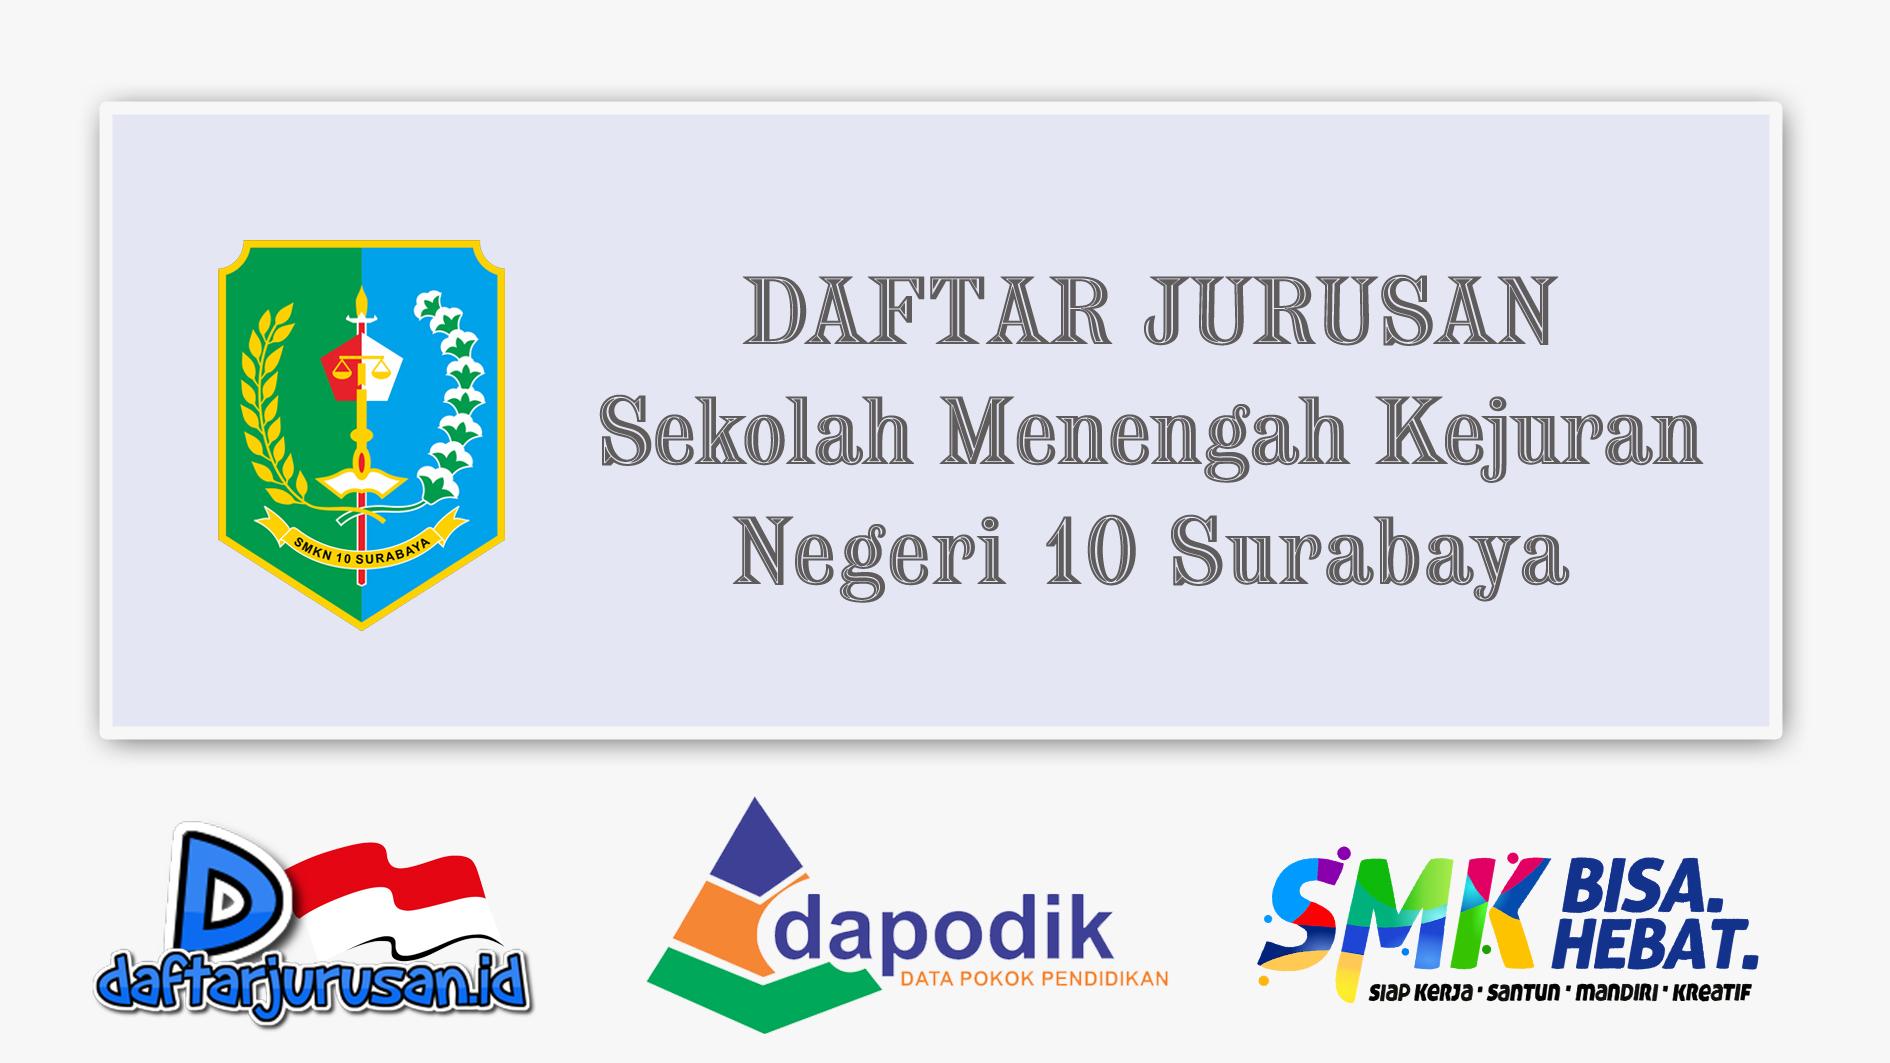 Daftar Jurusan SMK Negeri 10 Surabaya